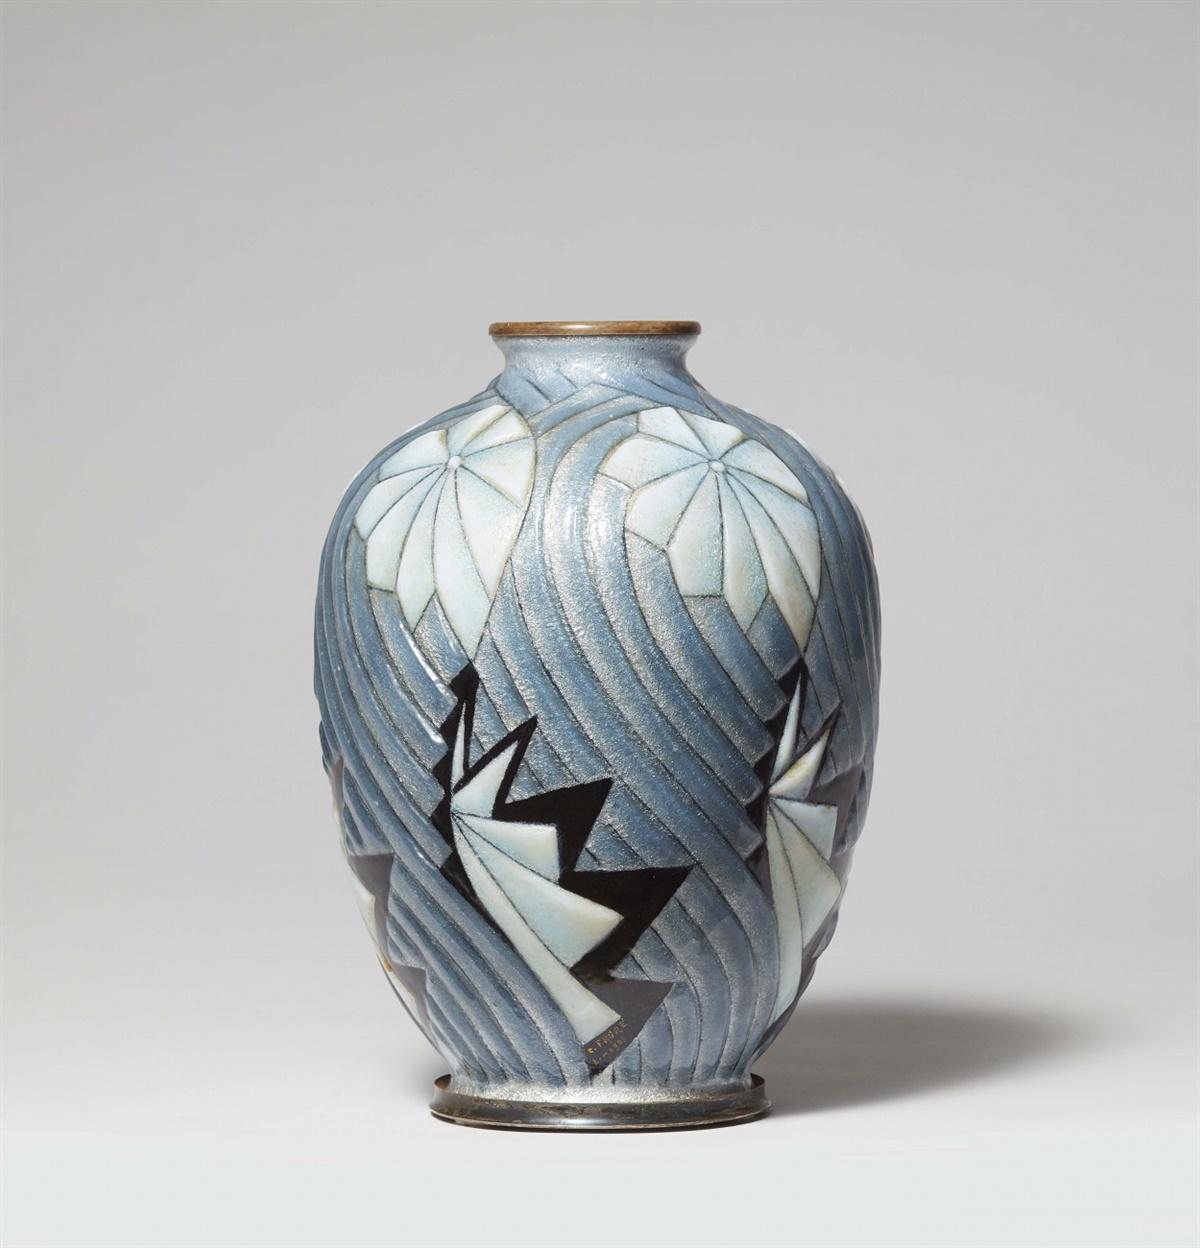 Lot 79 - Große Vase von Camille FauréTeilweise versilbertes Metall mit Reliefemail in Weiß und Tranzluzidblau